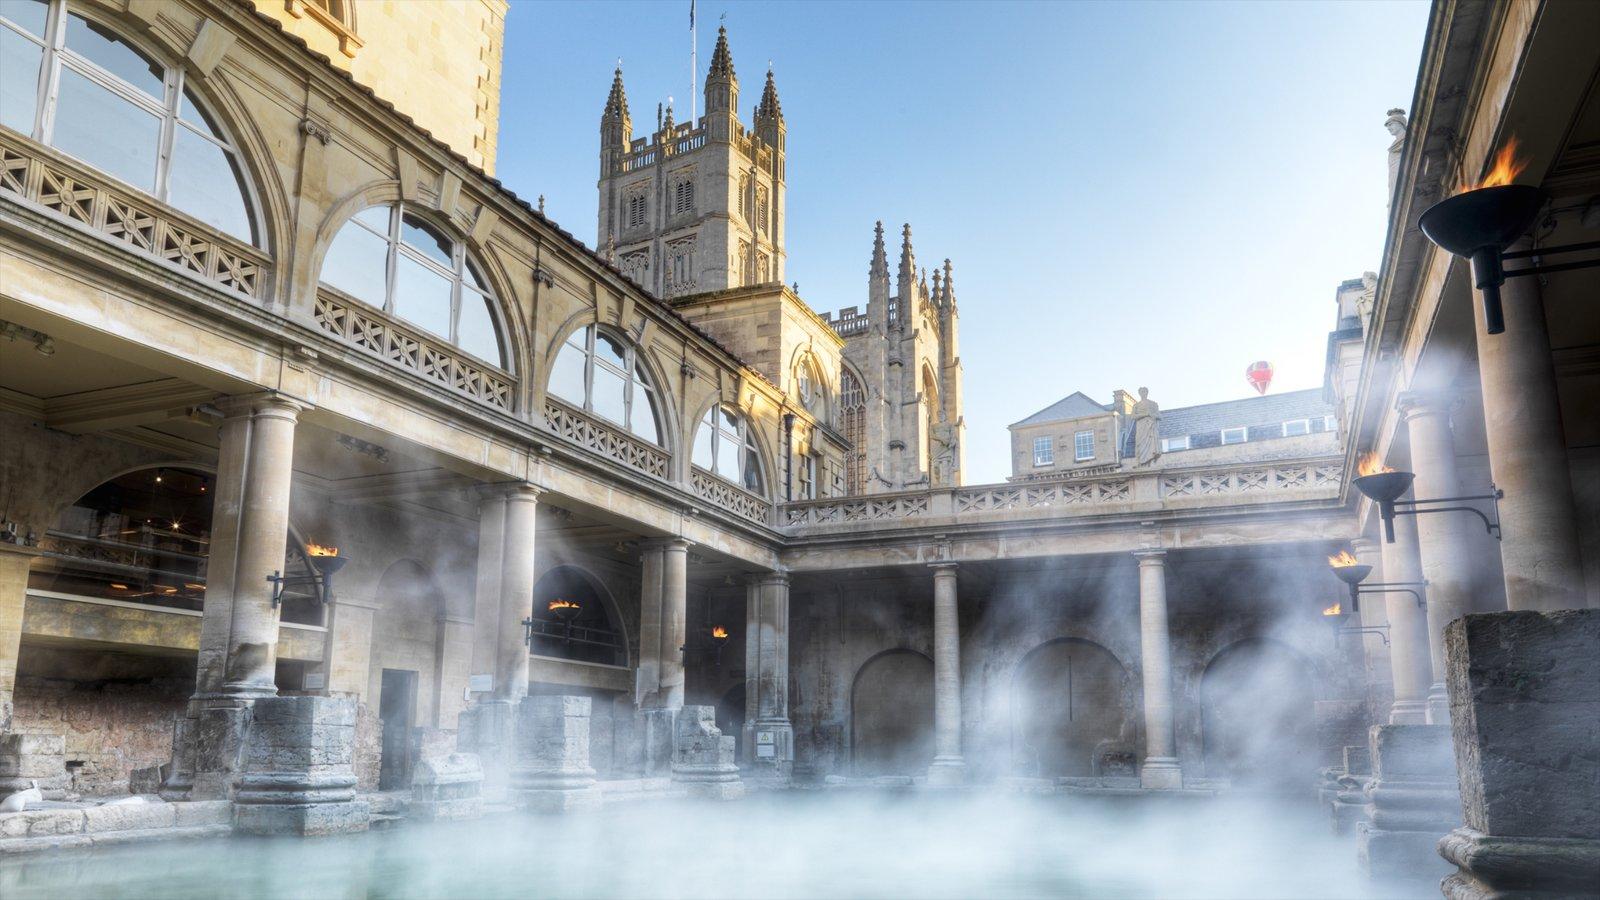 Banhos romanos que inclui elementos de patrimônio, neblina e arquitetura de patrimônio